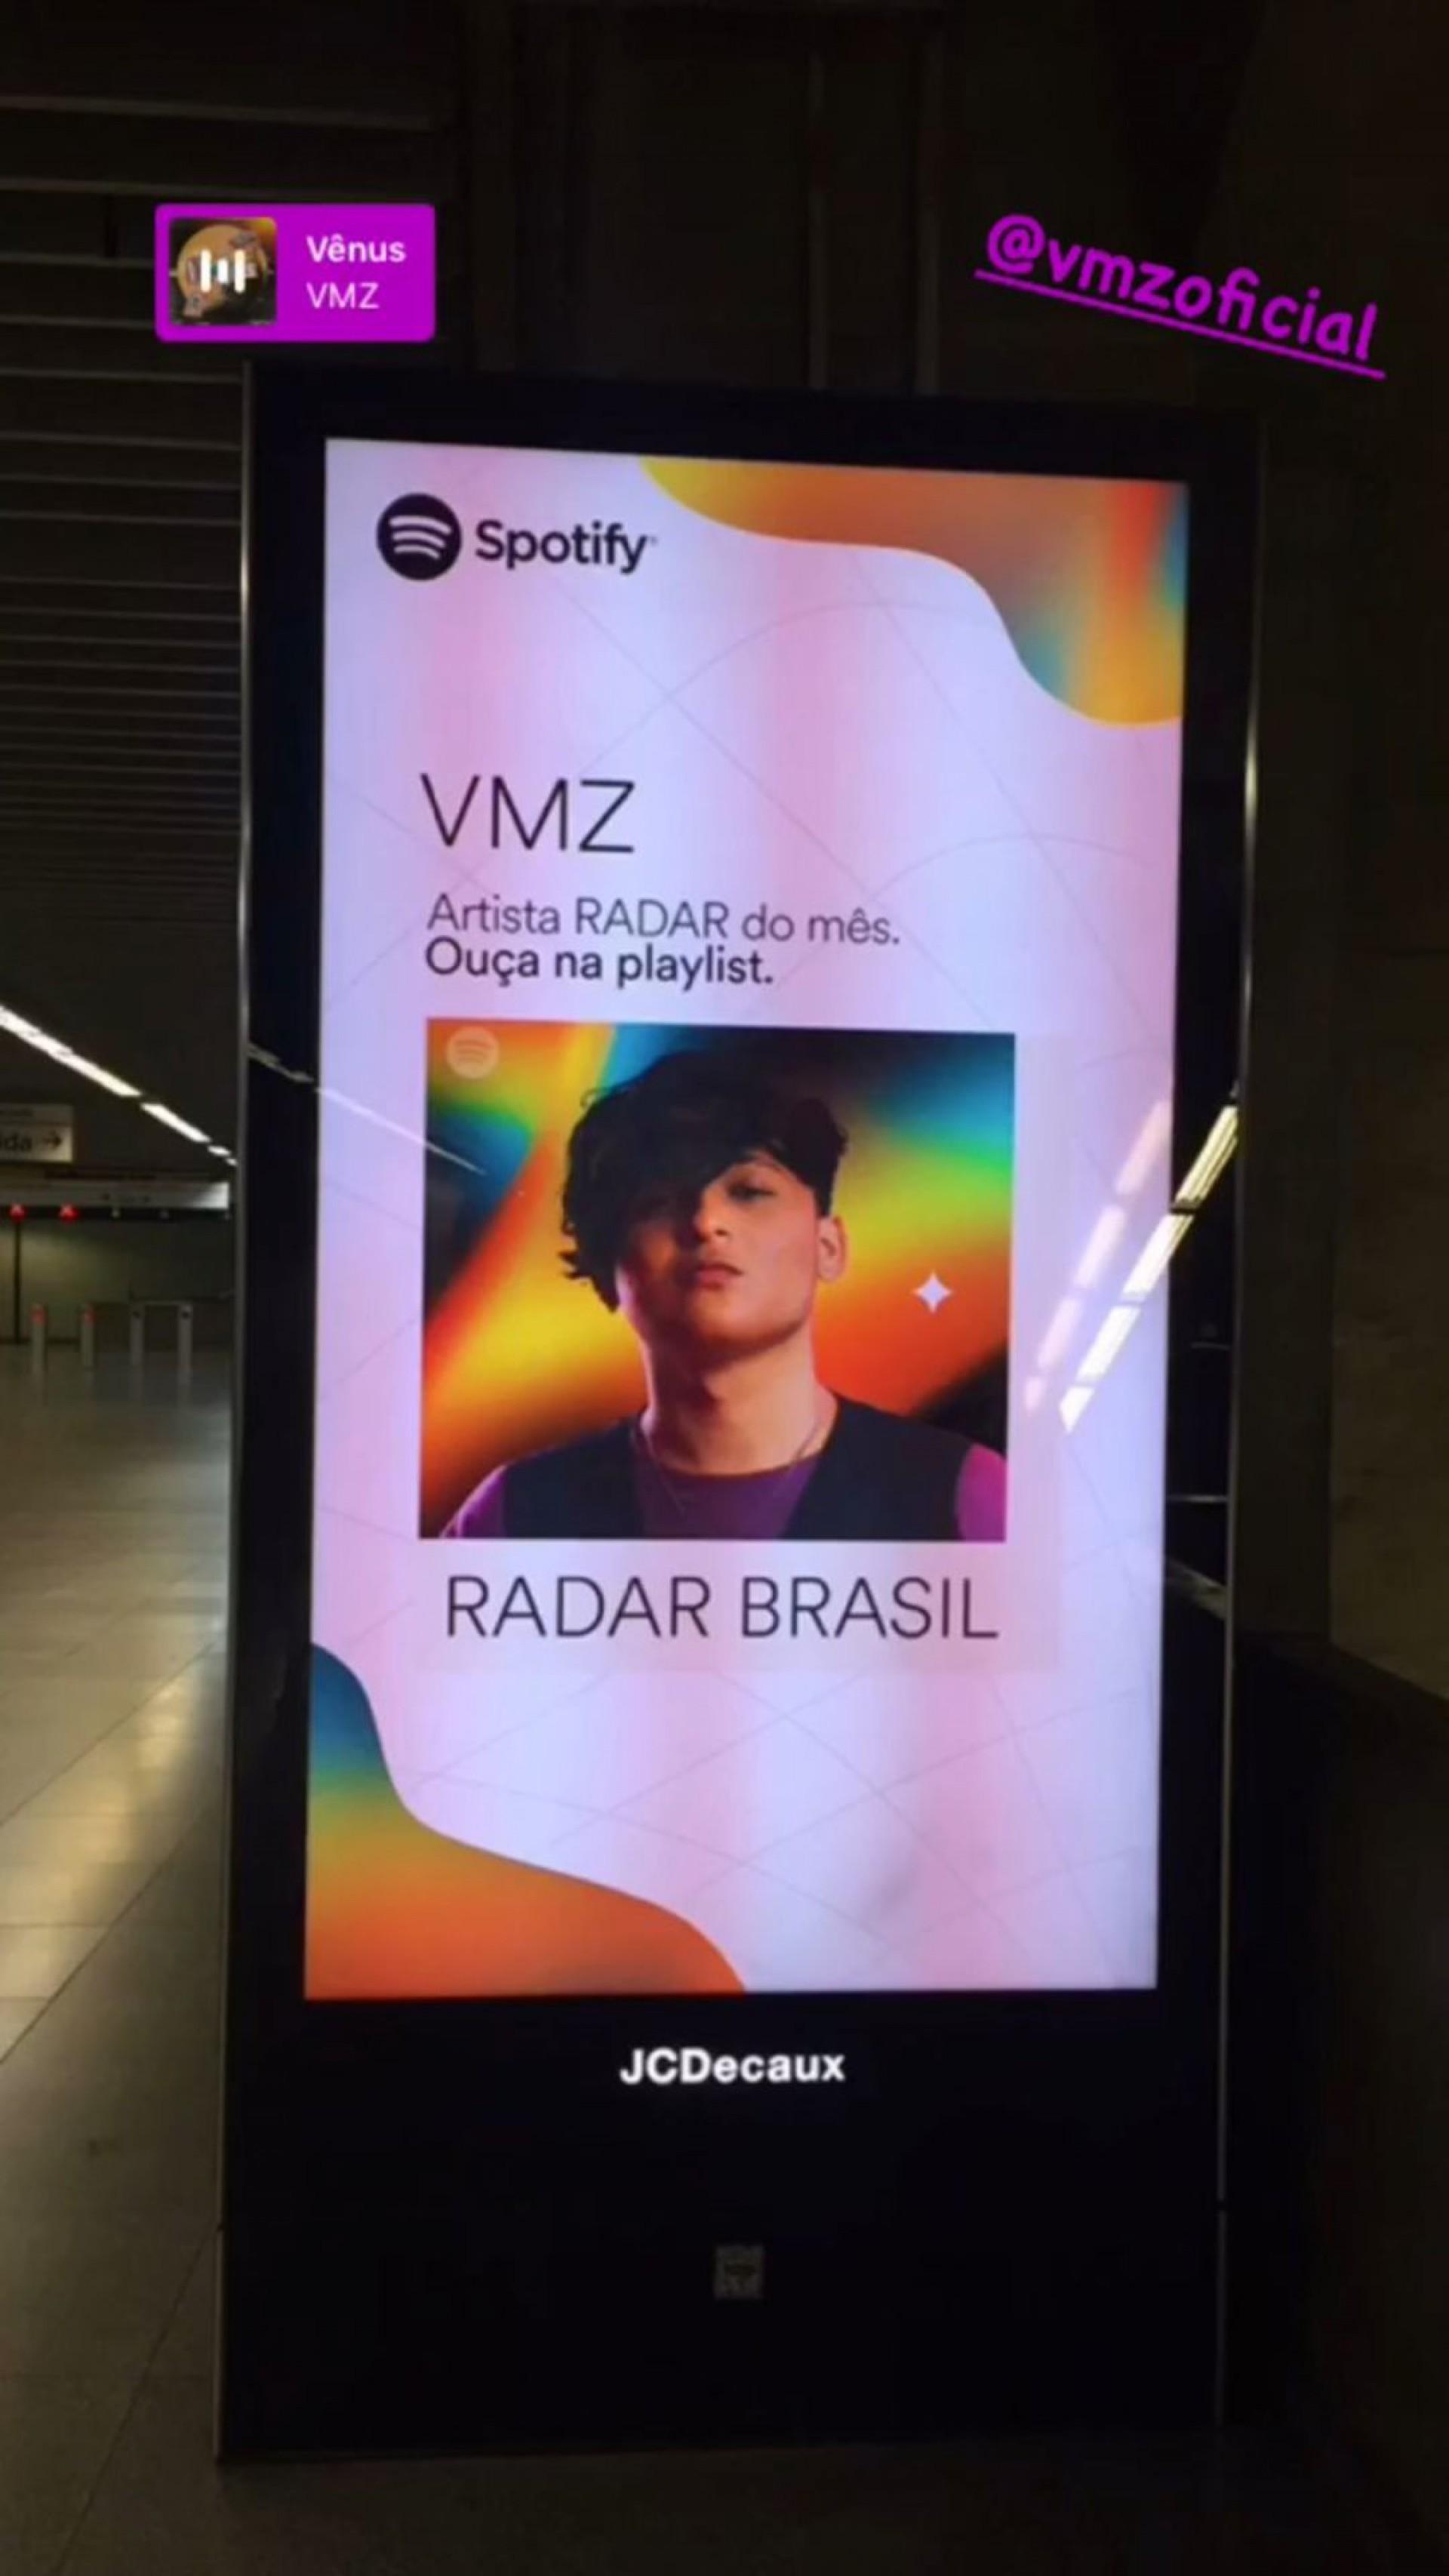 O rosto do cearense foi estampado em telas de divulgação em metrôs de São Paulo, durante esta segunda-feira, 13